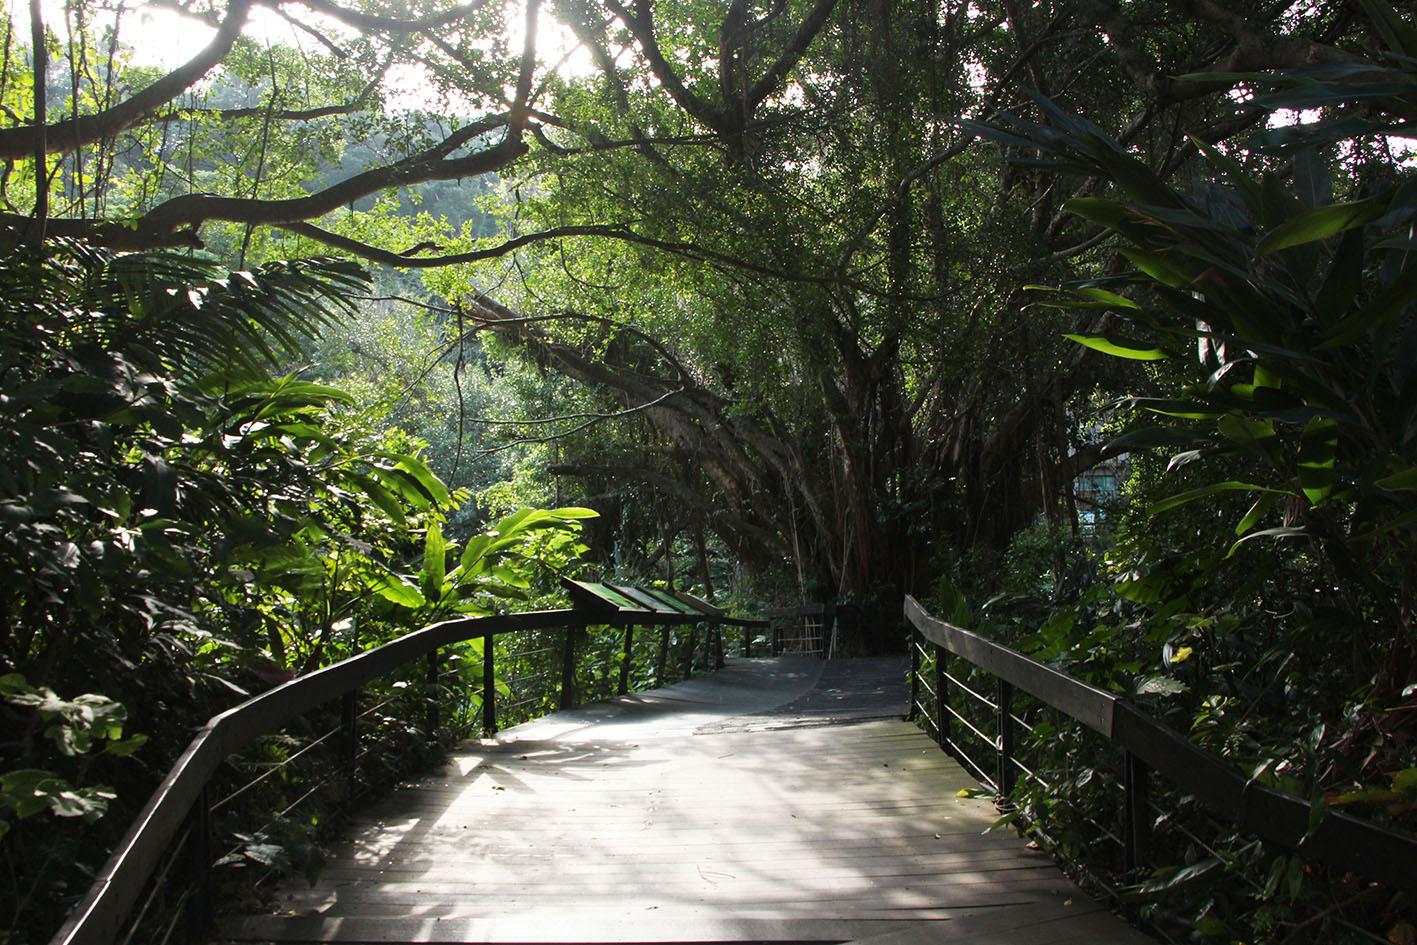 台灣|台北市6景點獲友善環境認證!穆斯林旅遊更方便